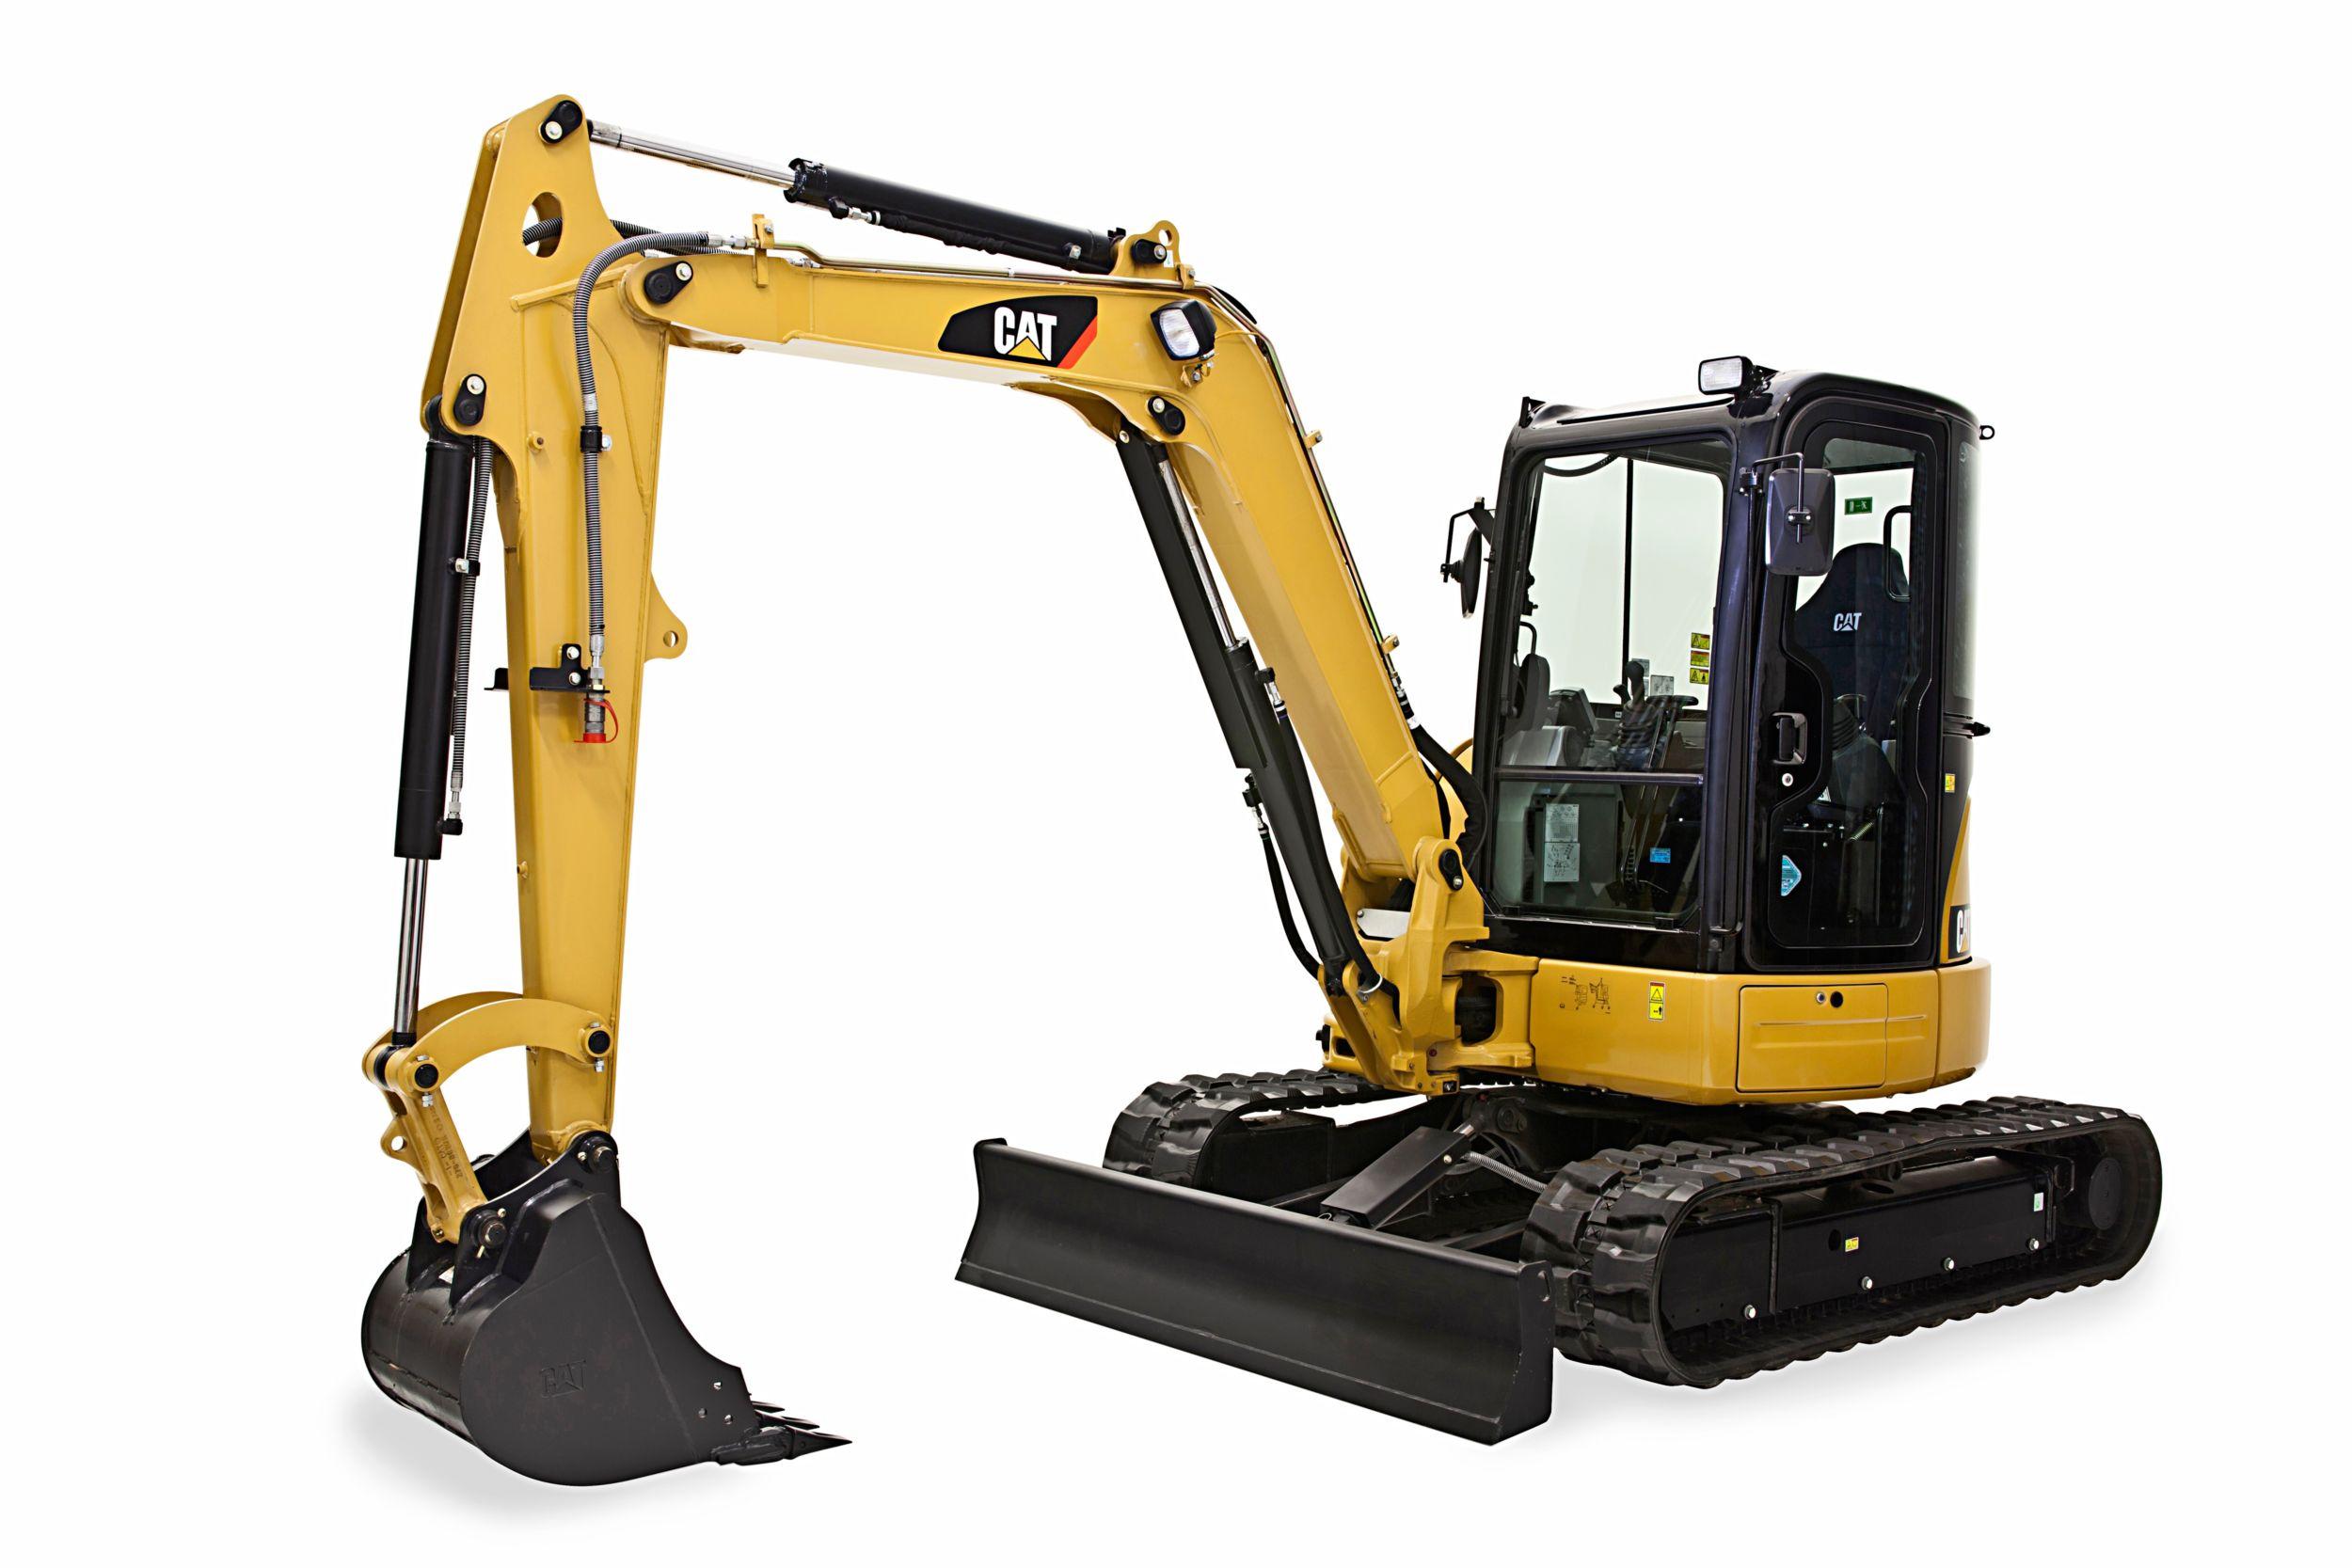 305e2 Cr Mini Excavator Cat Caterpillar